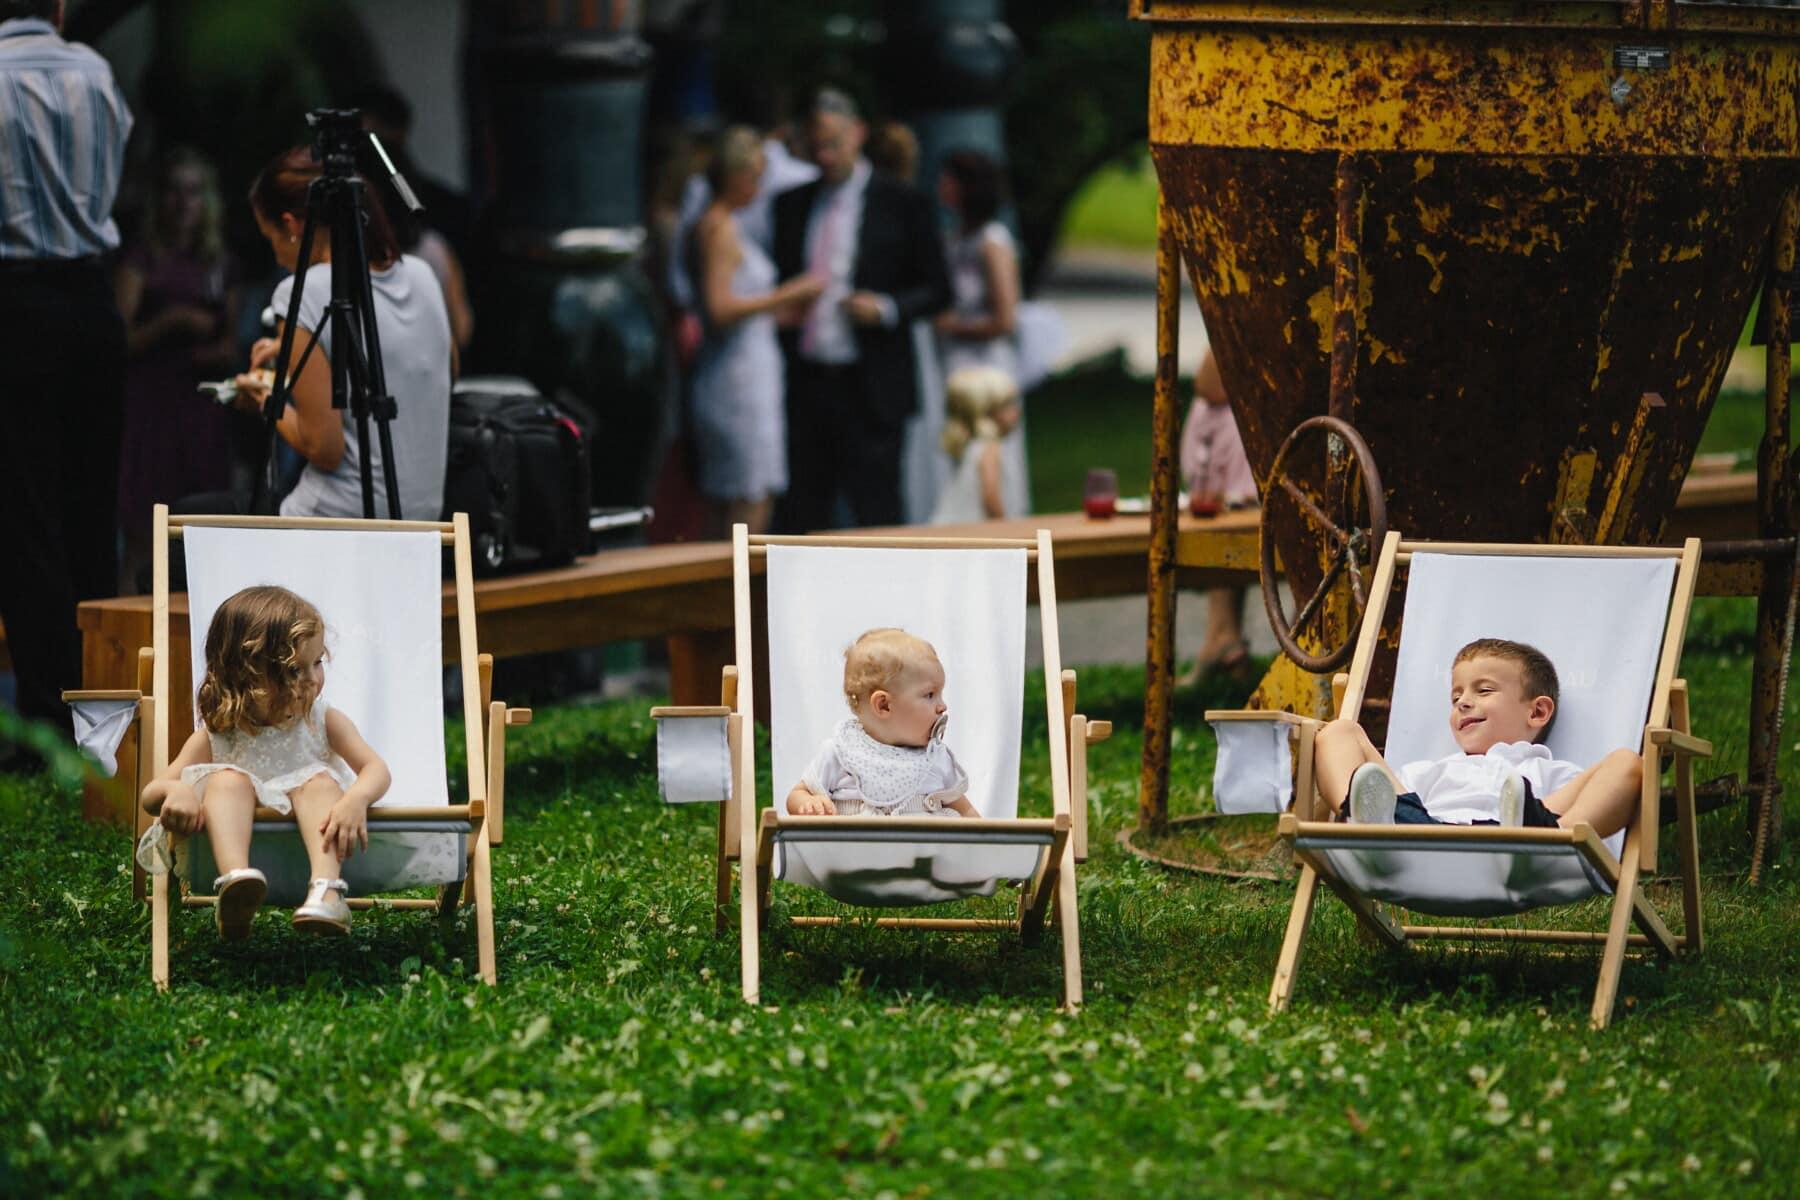 enfant en bas âge, bébé, frère, famille, sœurs, relaxation, assis, chaises, siège, chaise